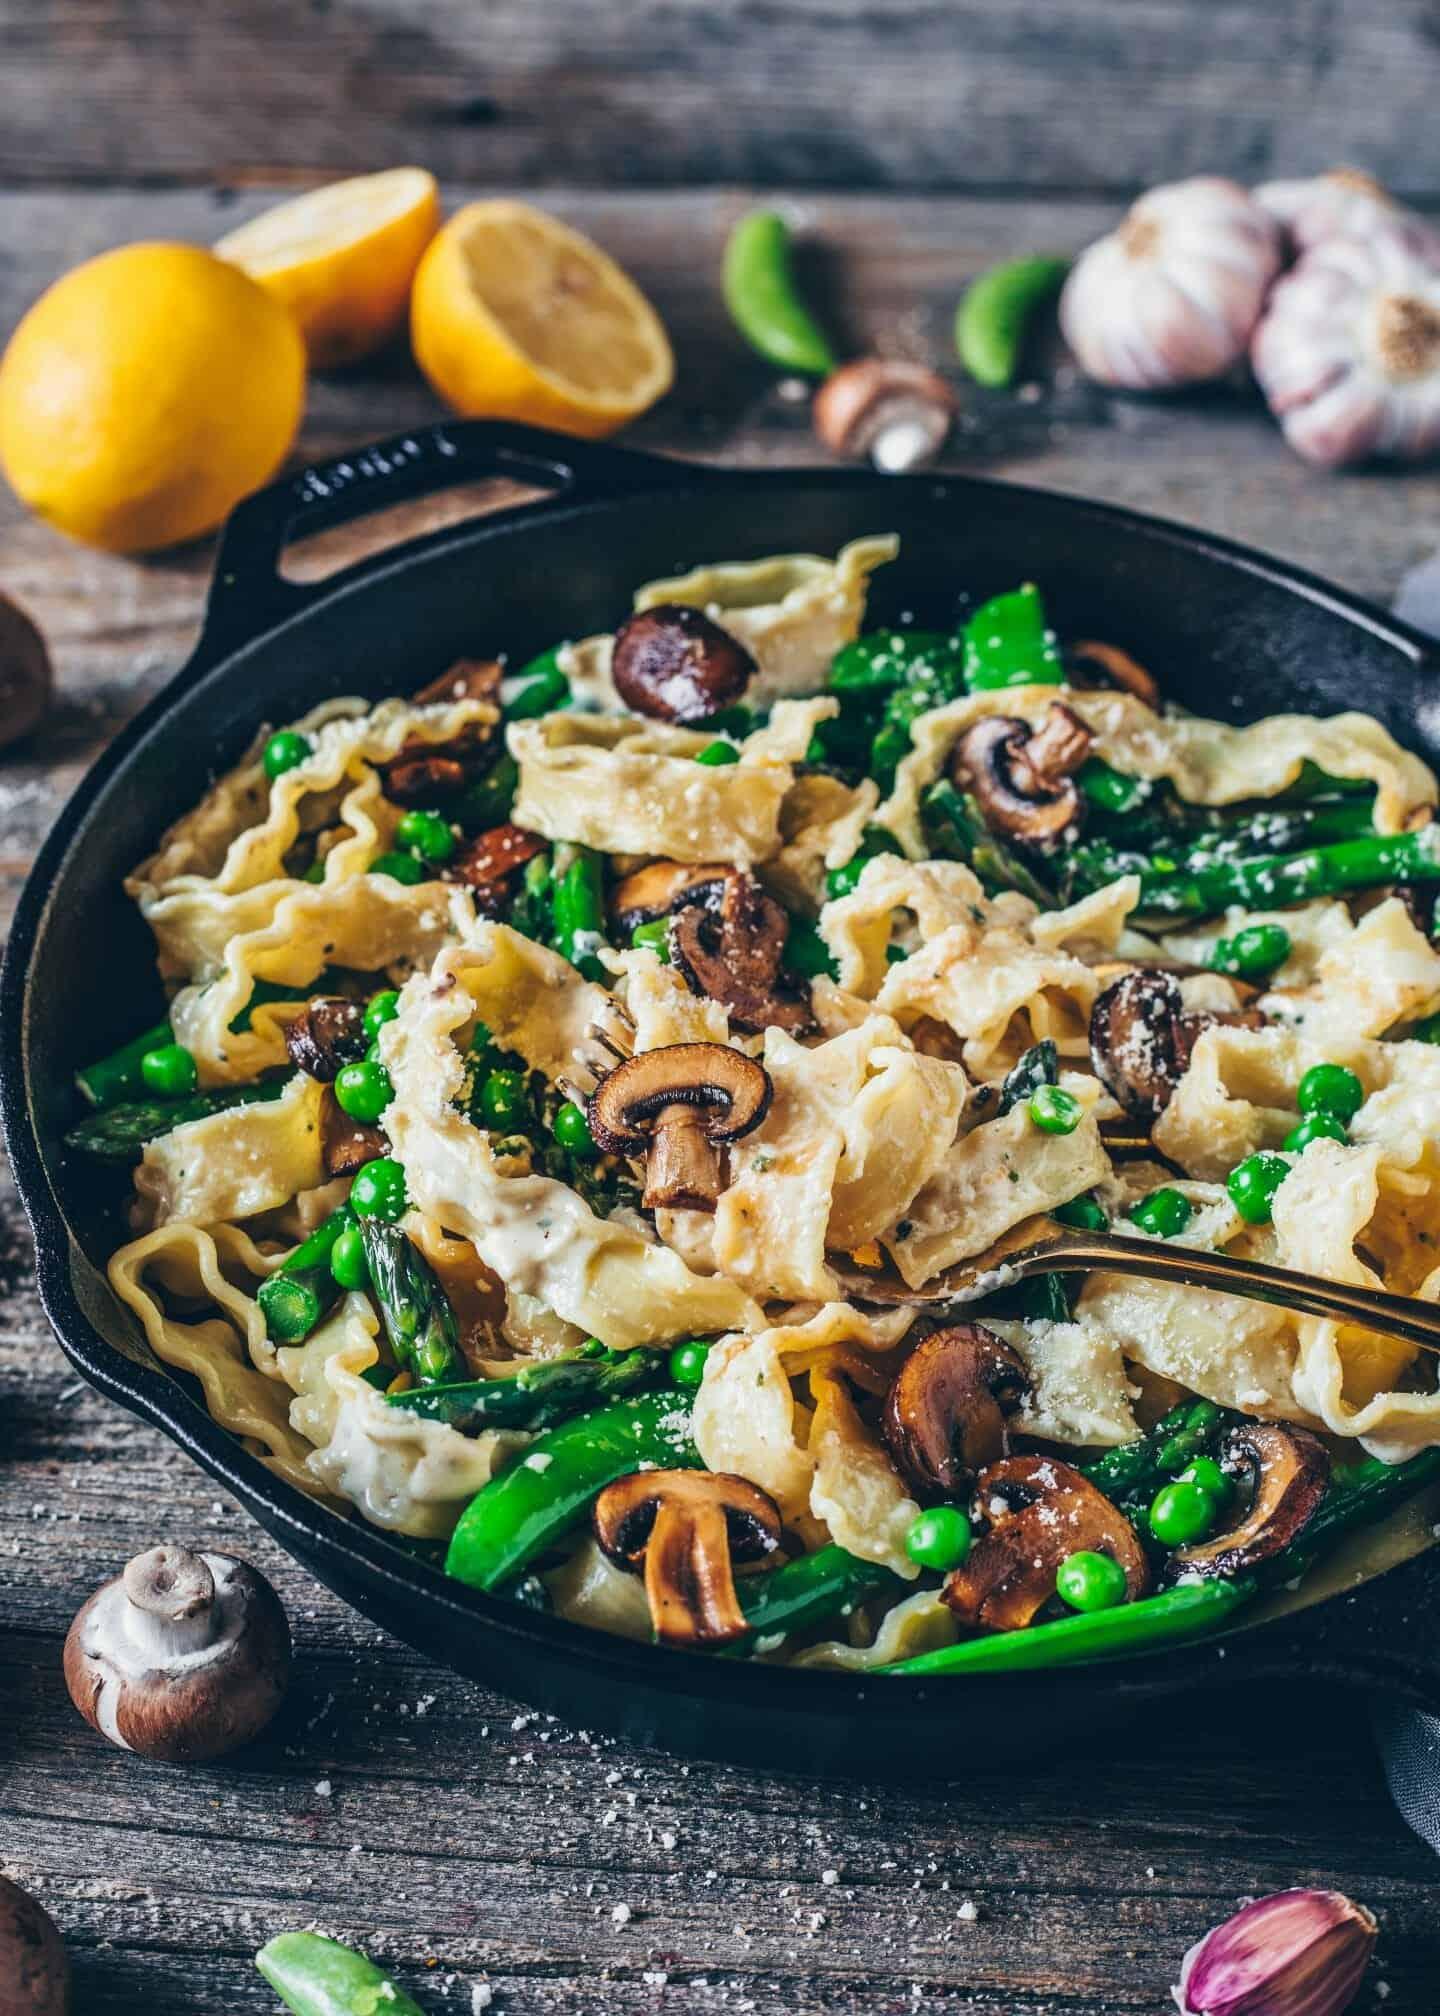 Cremige Pasta Primavera. Nudeln mit grünem Spargel, Pilzen, Erbsen und veganer Parmesan. Gesund, lecker, einfach und schnell. Pasta-Rezept. Glutenfrei, gesund, michfrei.